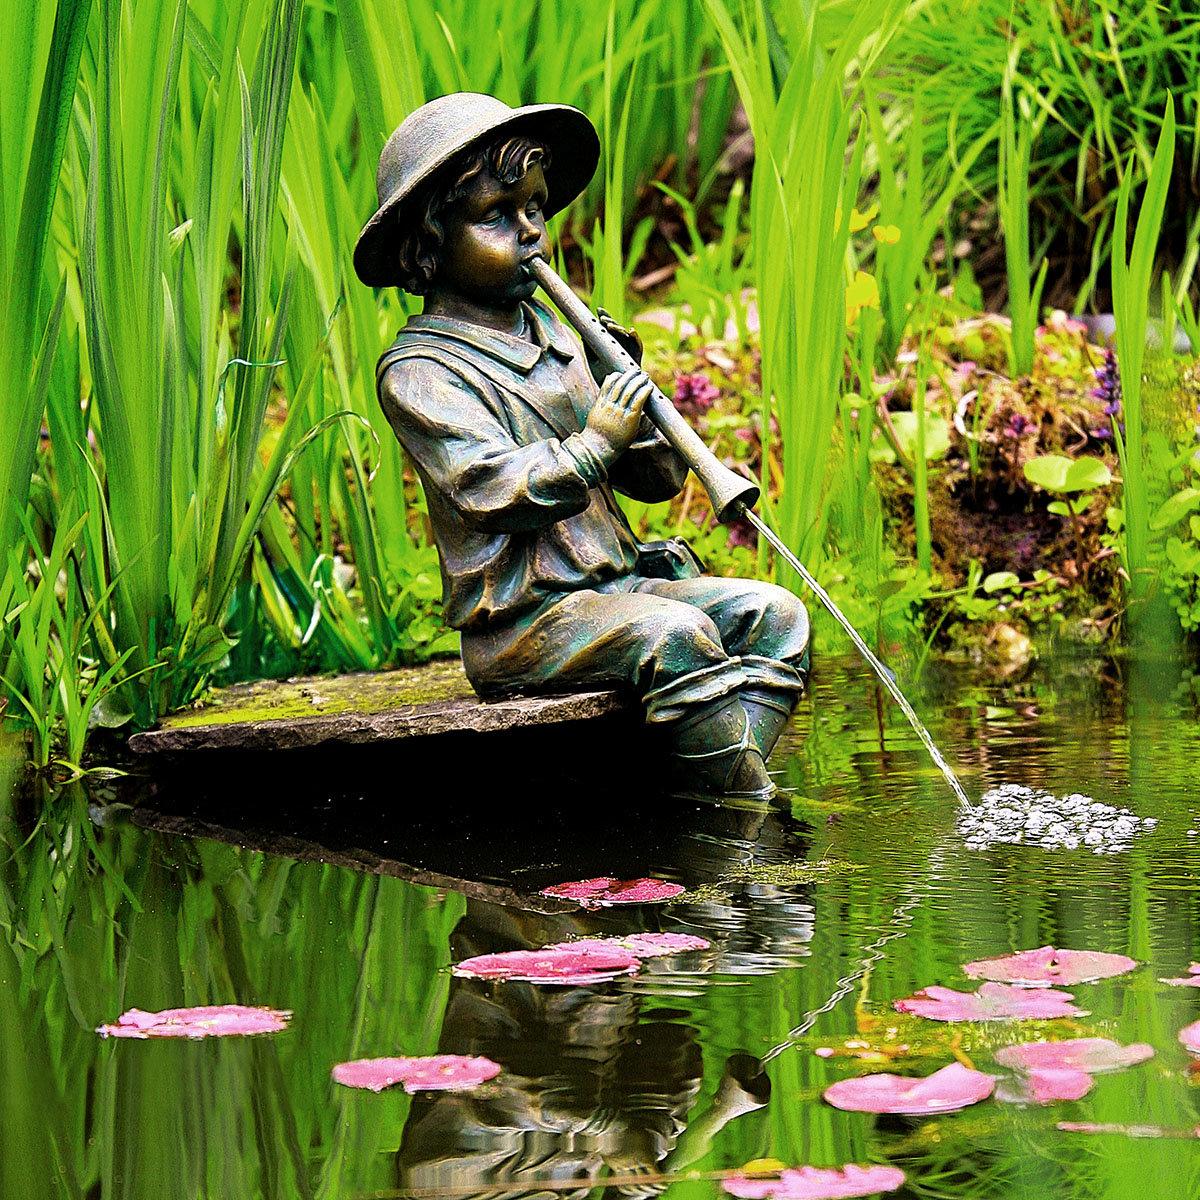 Wasserspiel Junge mit Flöte